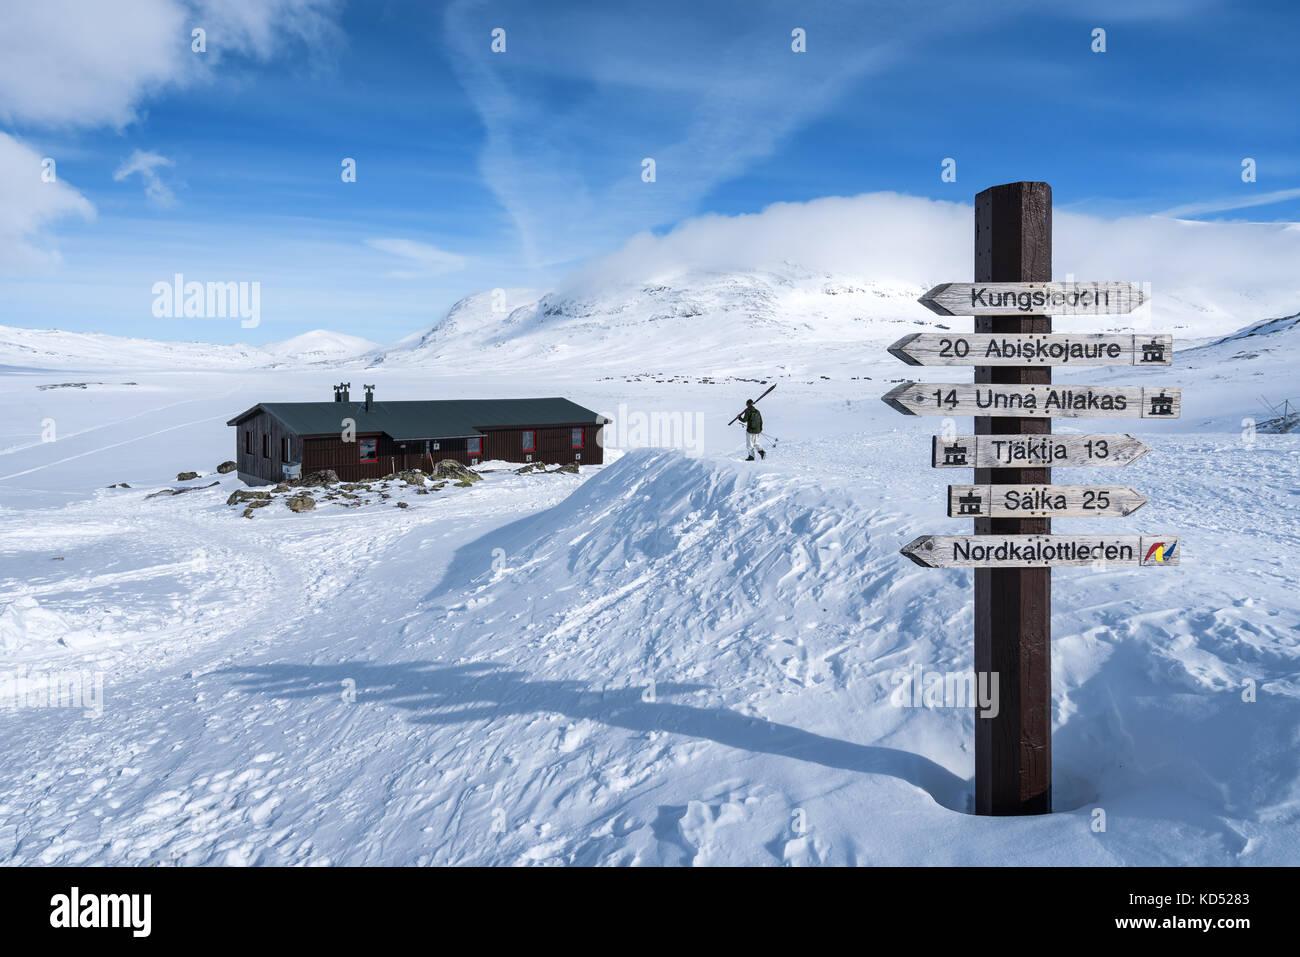 Ski de randonnée dans le massif de montagnes, kebnekaise kiiruna, Suède, Europe Photo Stock